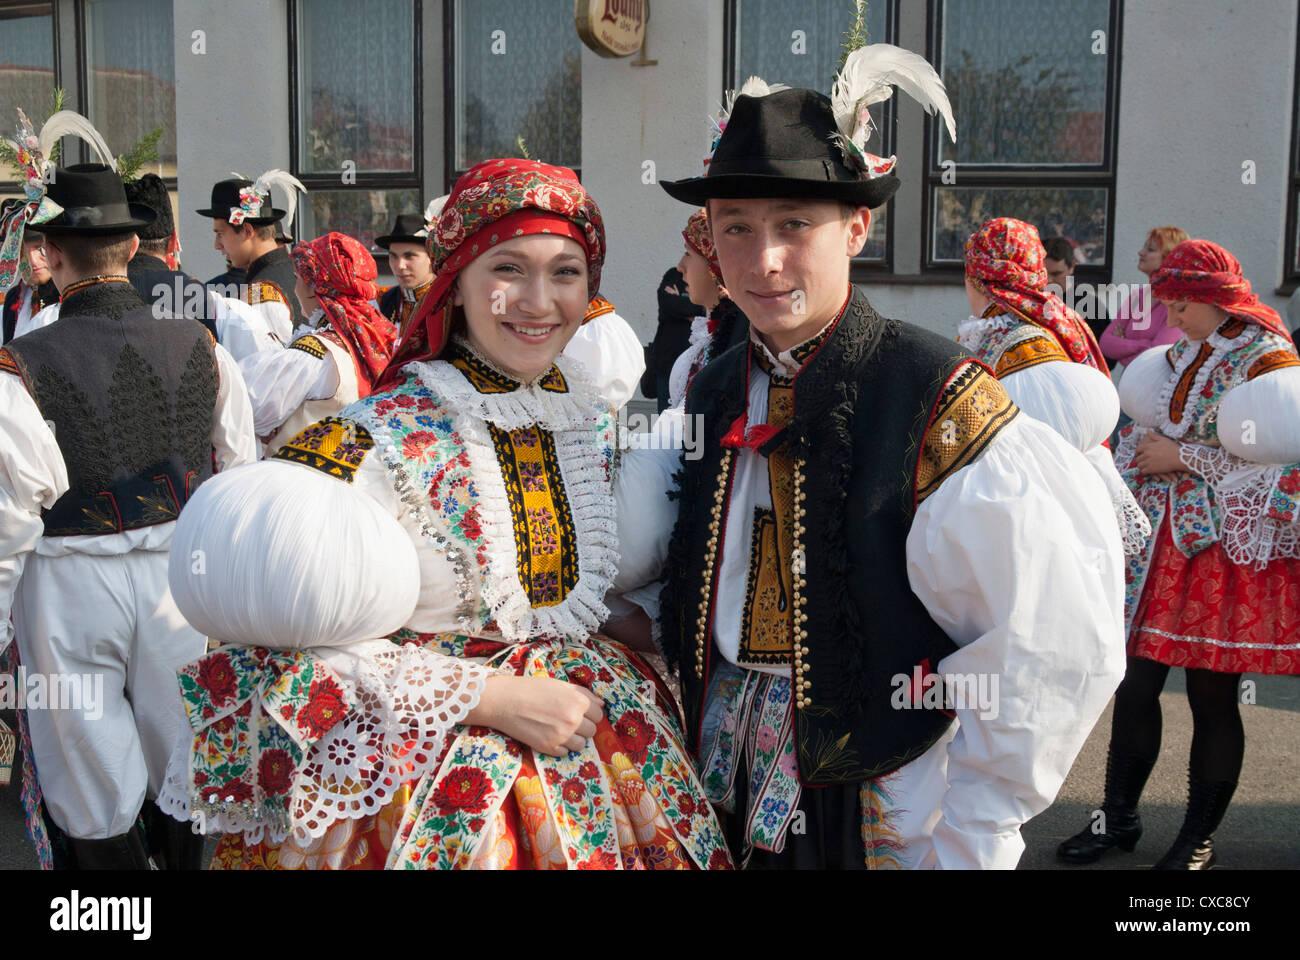 La femme et l'homme portant un costume folklorique pendant l'automne robe de fête avec Law, Festival, Photo Stock